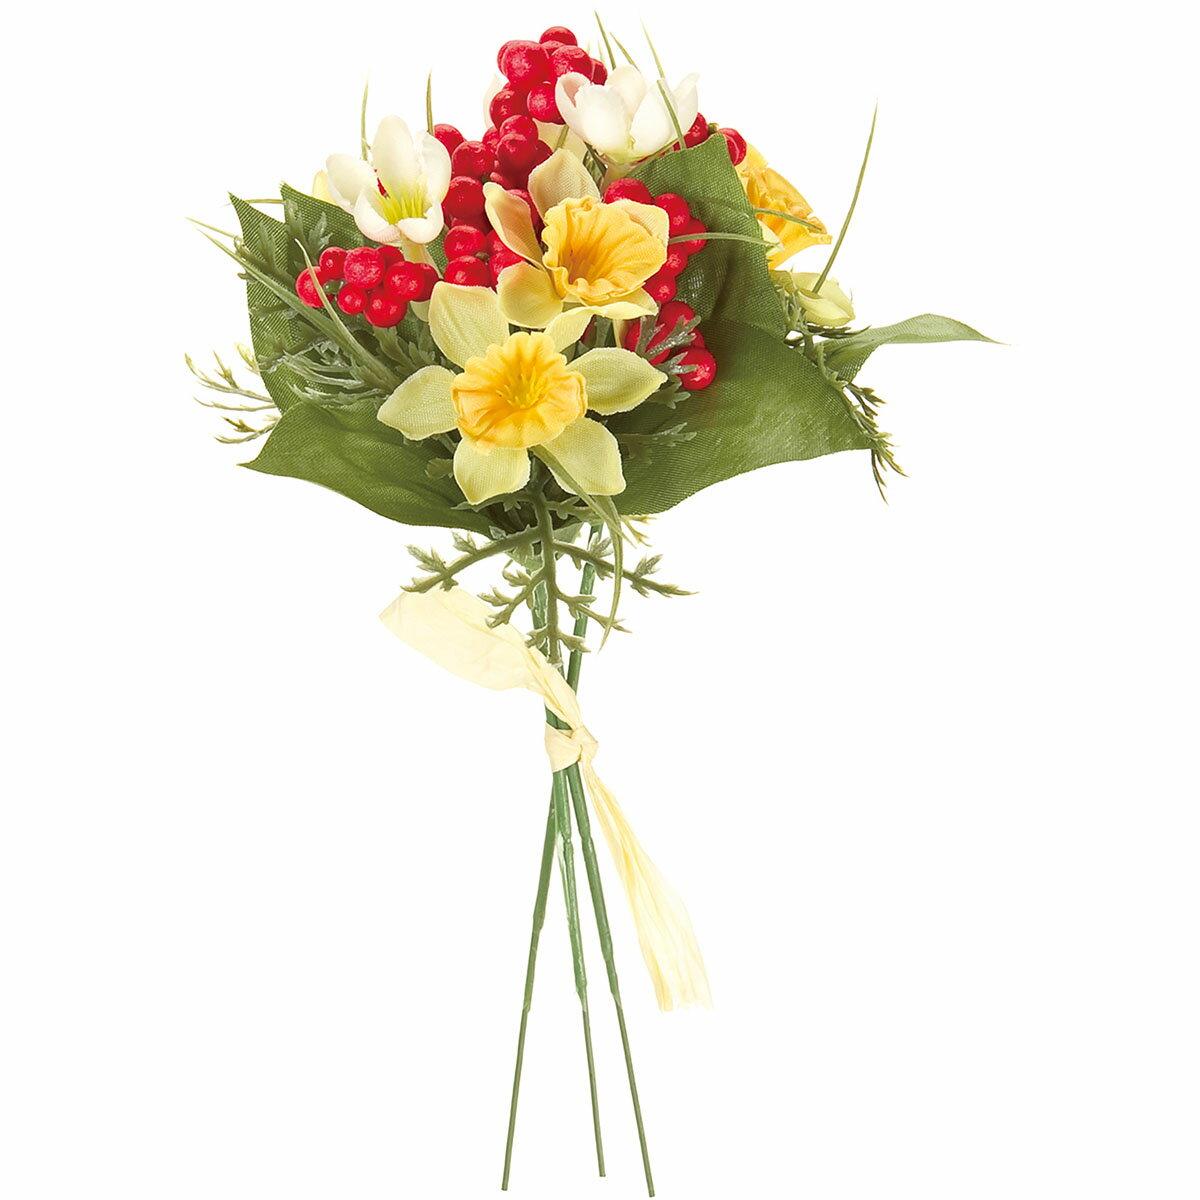 【造花】MAGIQ(東京堂)/水仙ベリーバンドル #4 イエロー/FJ003360-004【01】【取寄】《 造花(アーティフィシャルフラワー) 造花 花材「さ行」 スイセン(水仙) 》